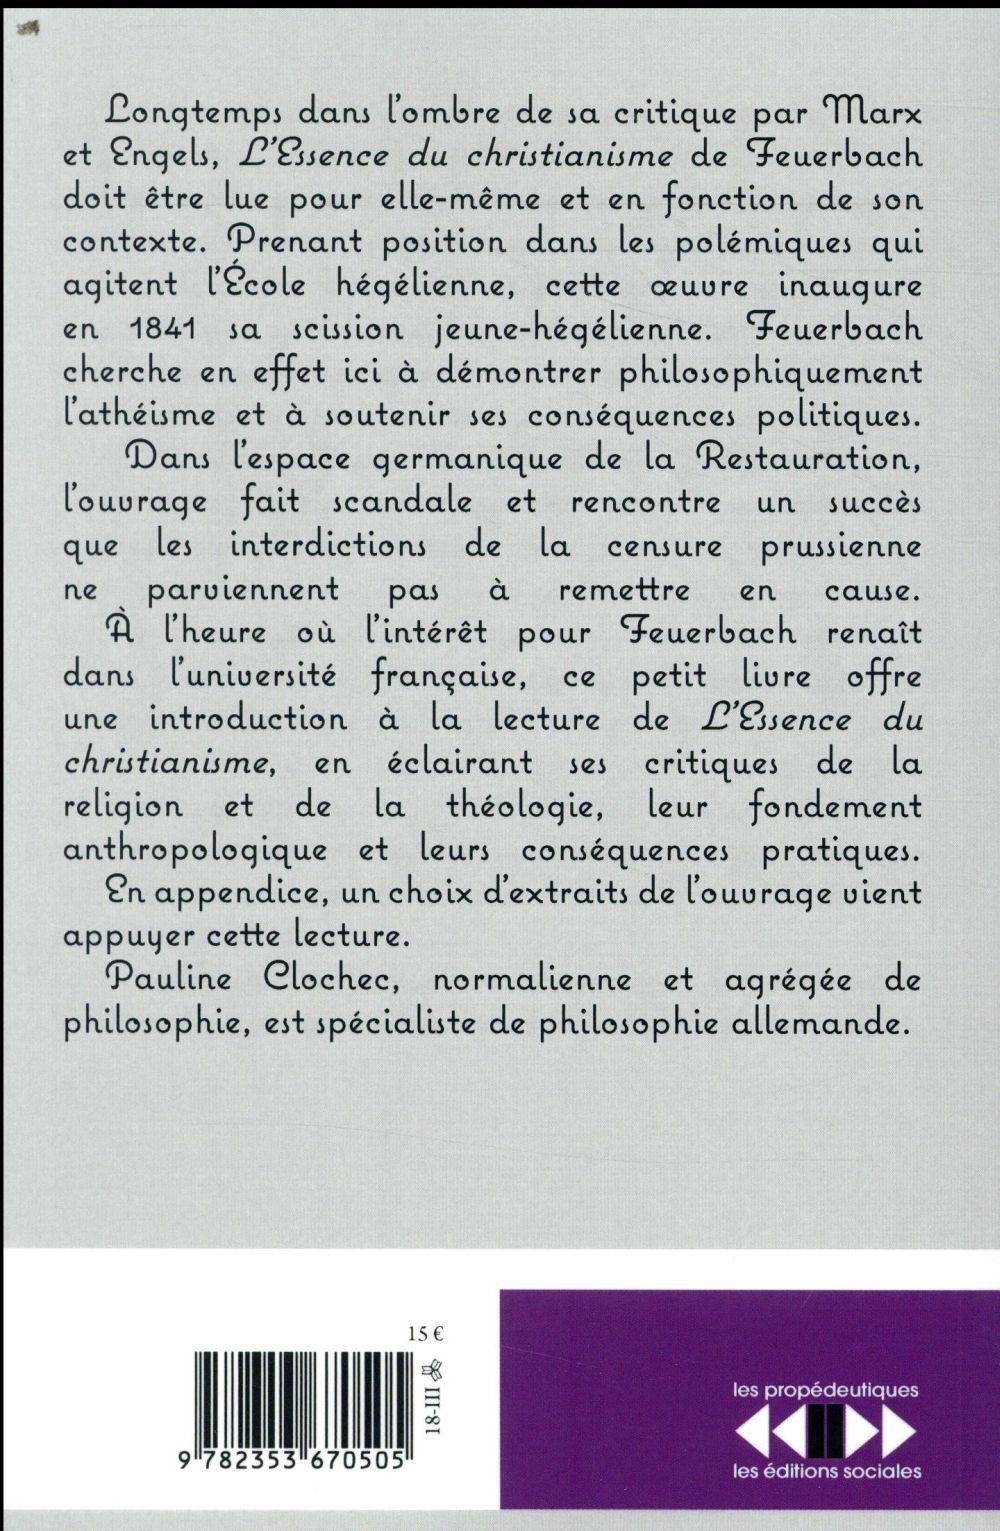 Comprendre l'essence du christianisme de Feuerbach